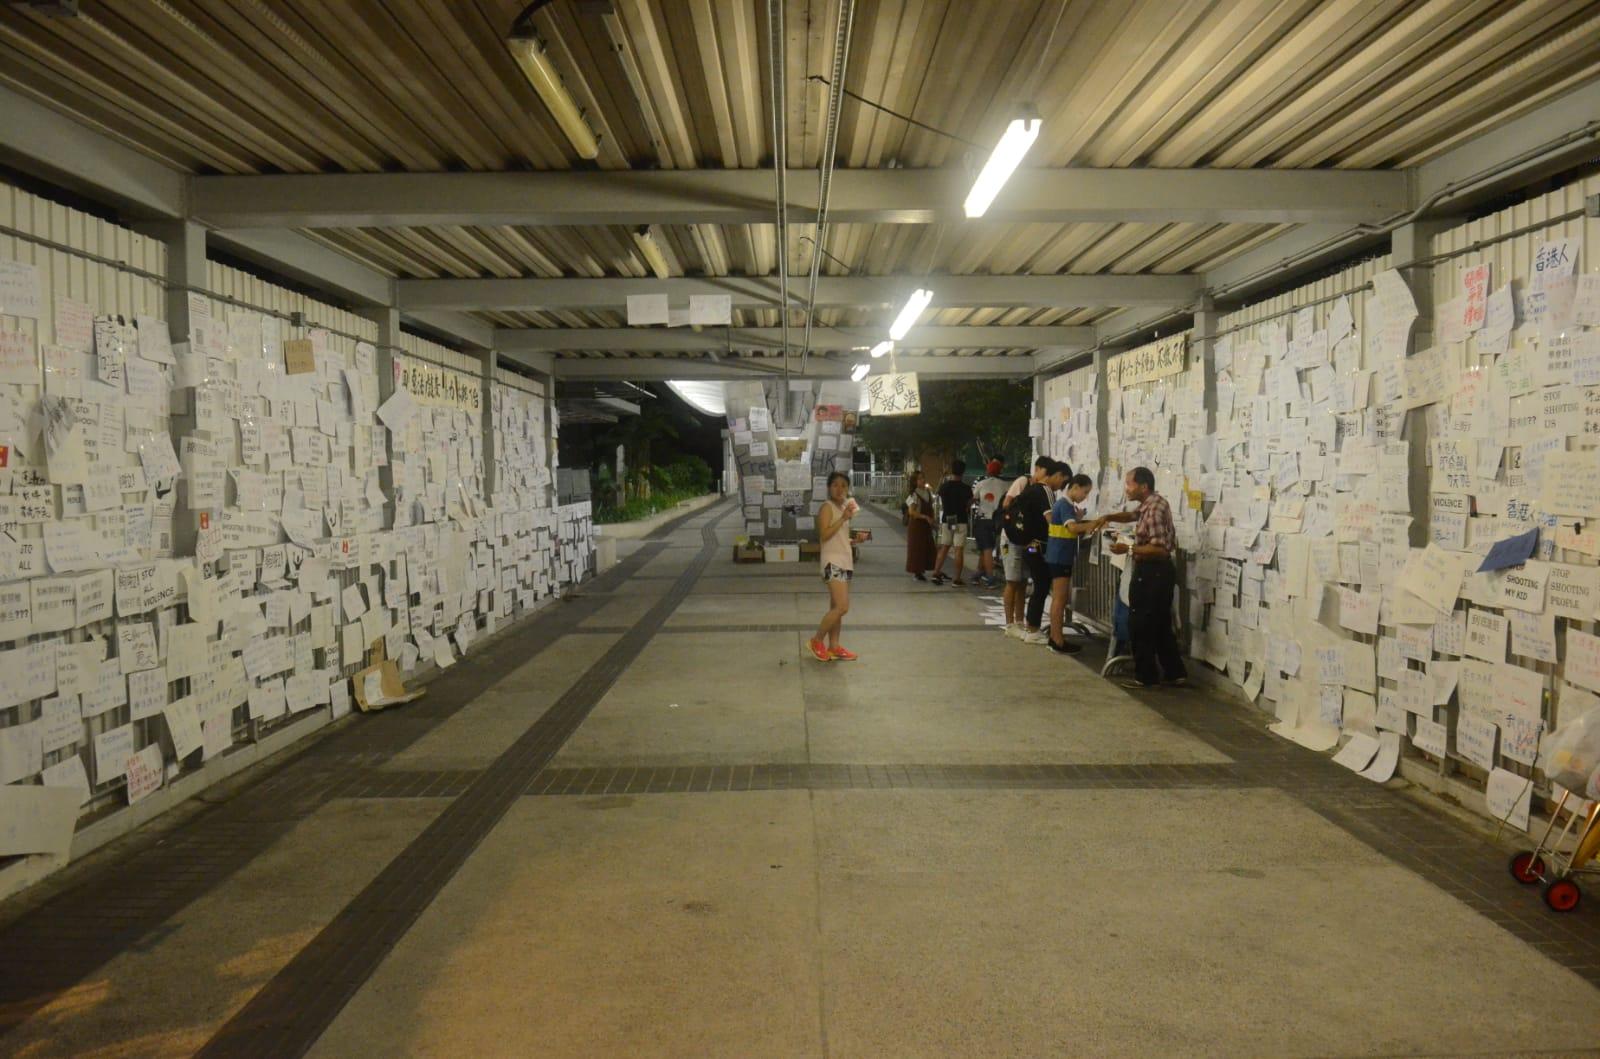 中信大廈天橋兩邊牆身被貼滿反修例標語。